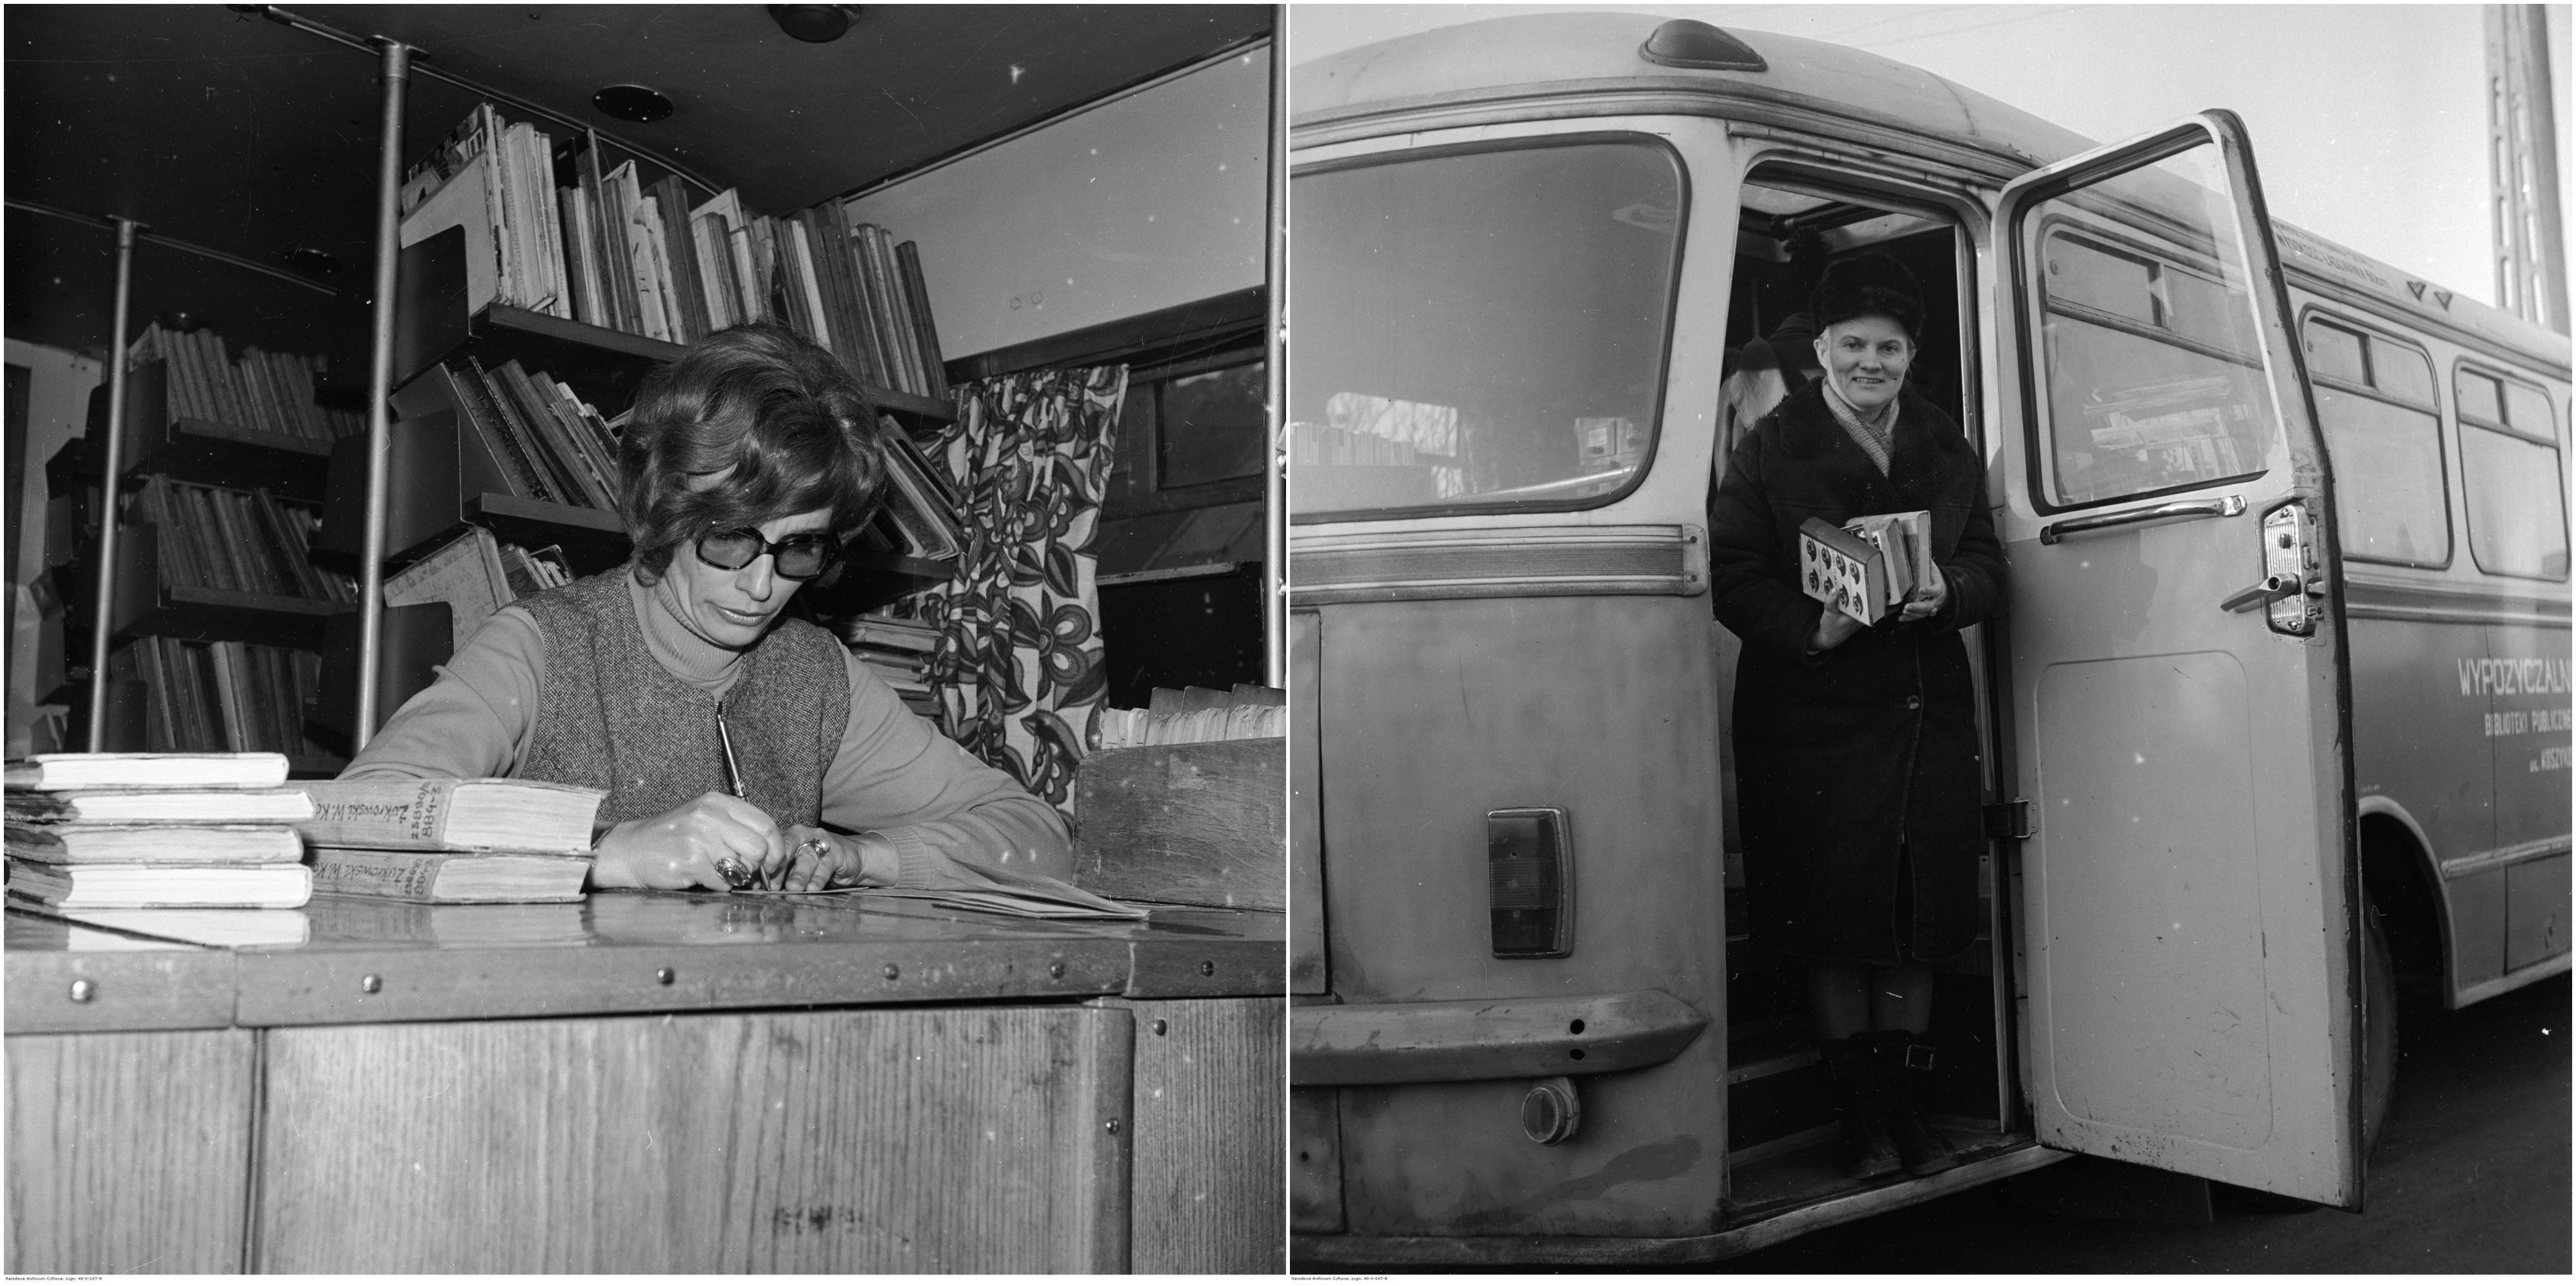 Bibliobus Biblioteki Publicznej w Warszawie, 1973 r. Po lewej kierowniczka Barbara Stępniewska we wnętrzu bibliobusu. Po prawej czytelniczka wysiada z bibliobusu - autobusu San H100 (fot. Archiwum Grażyny Rutowskiej / NAC)